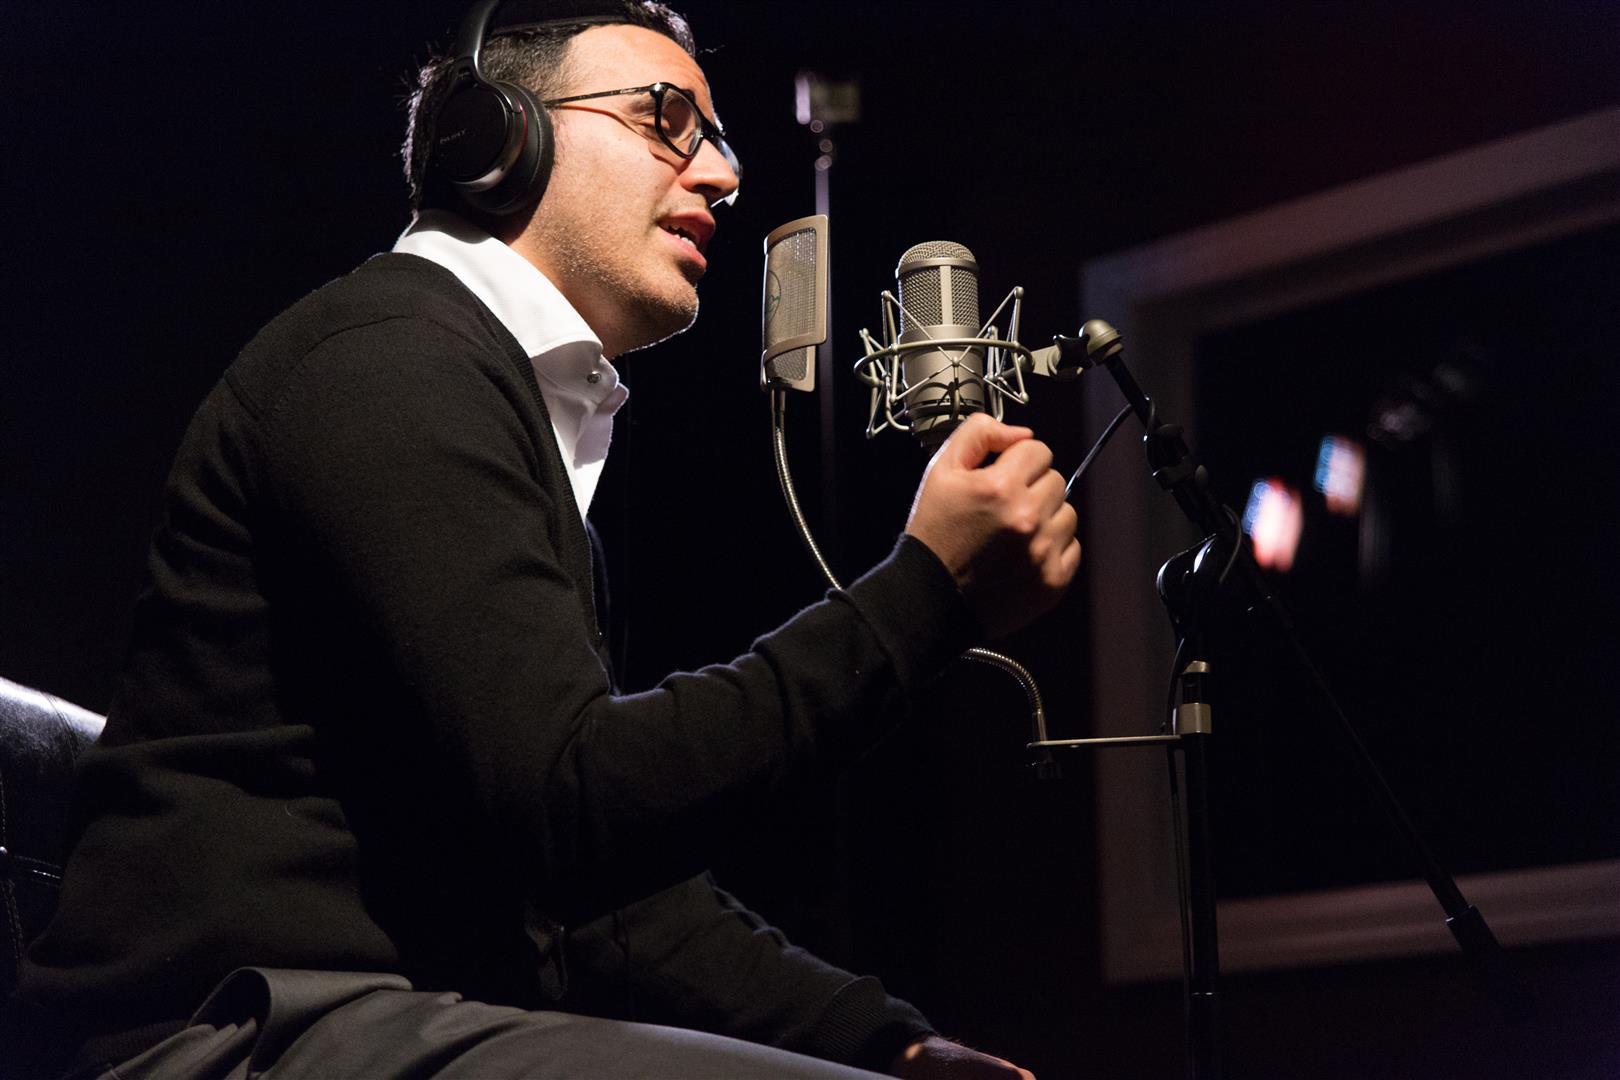 מהאלבום החדש של מונה: יעקב שוואקי מרגש